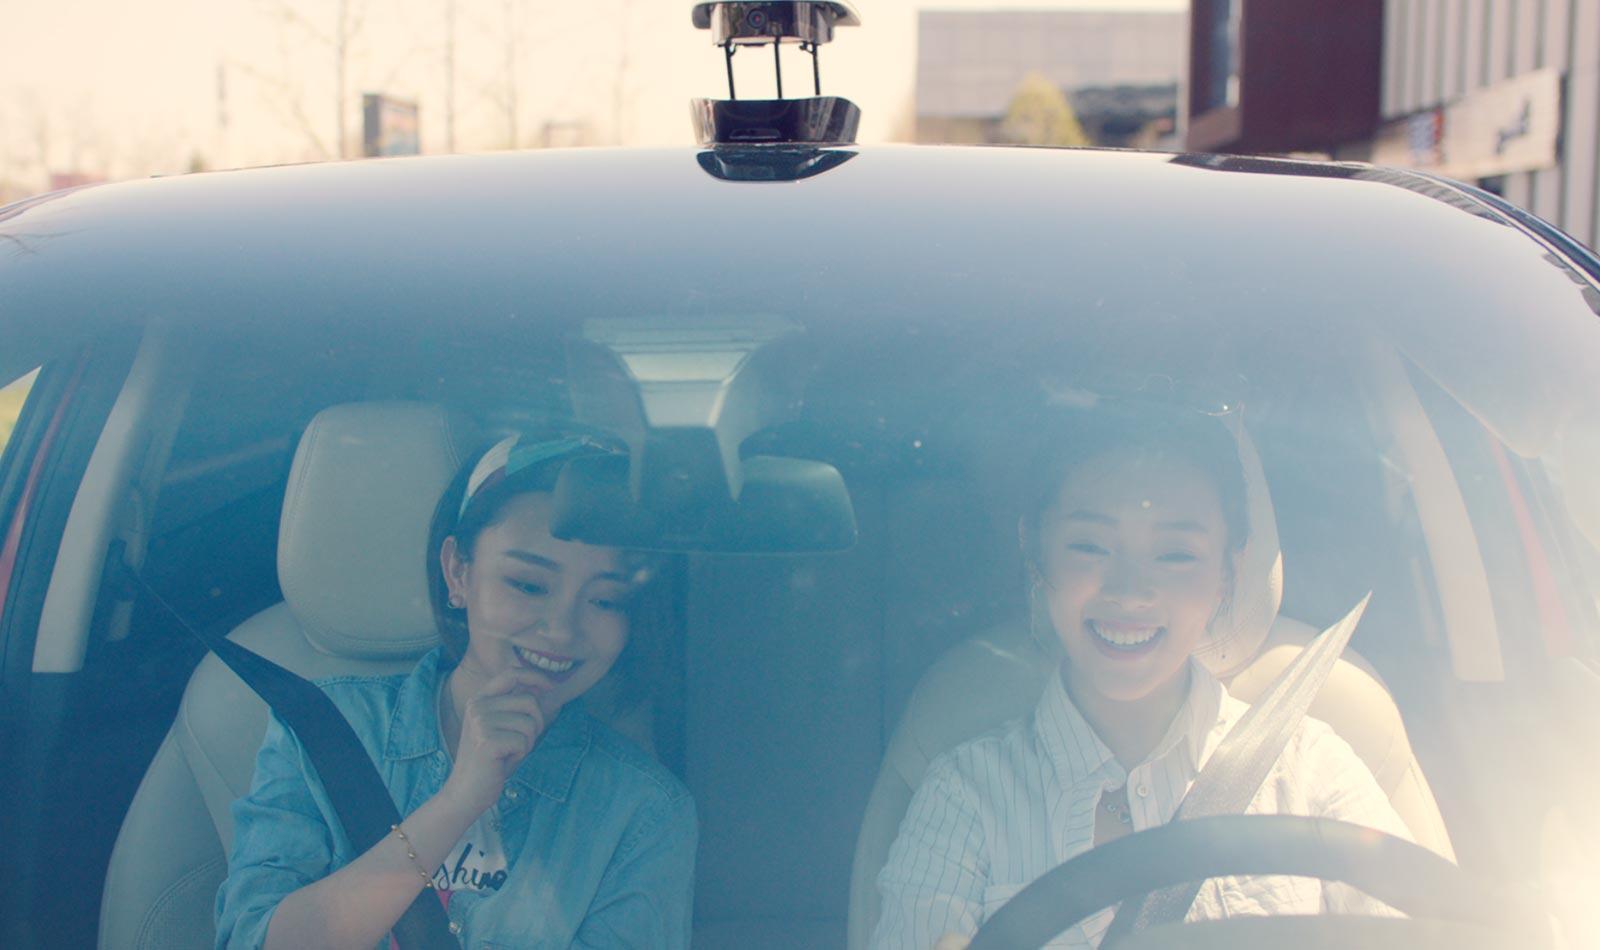 小鹏汽车自动驾驶